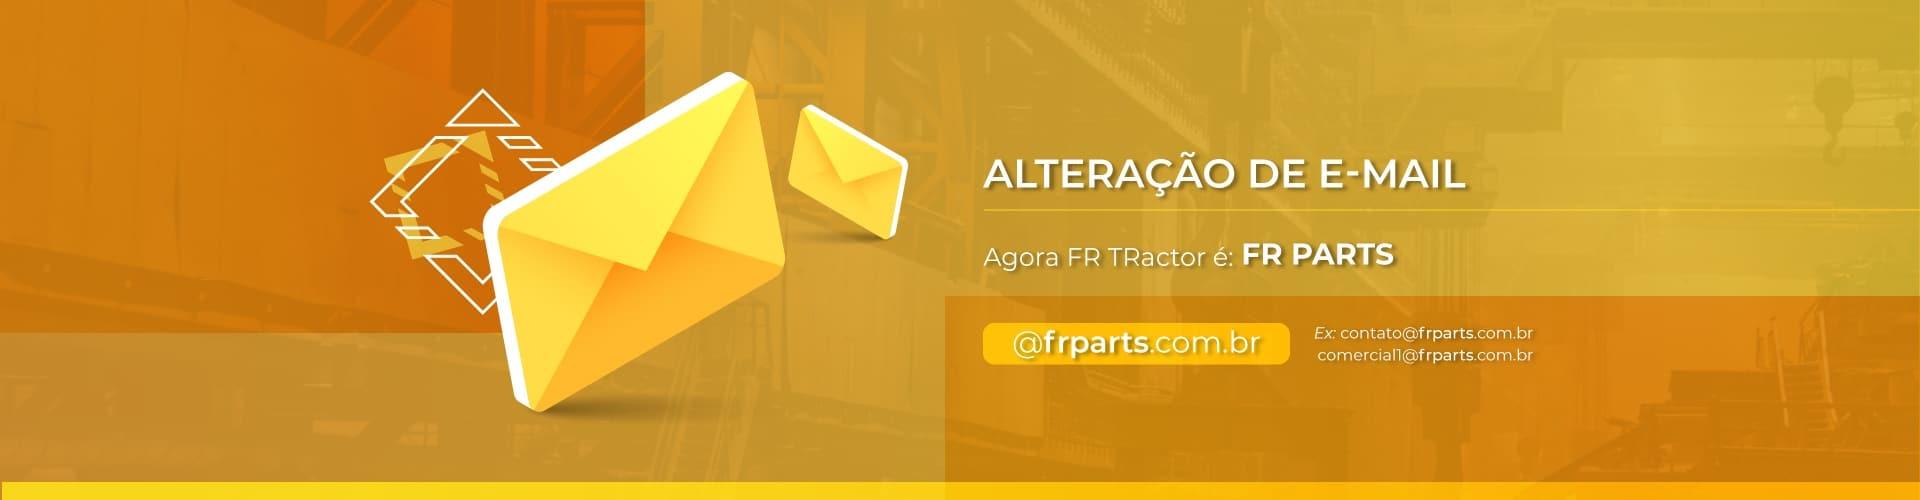 Banner_Site_4_Abril_v2_Mudança_E-mail